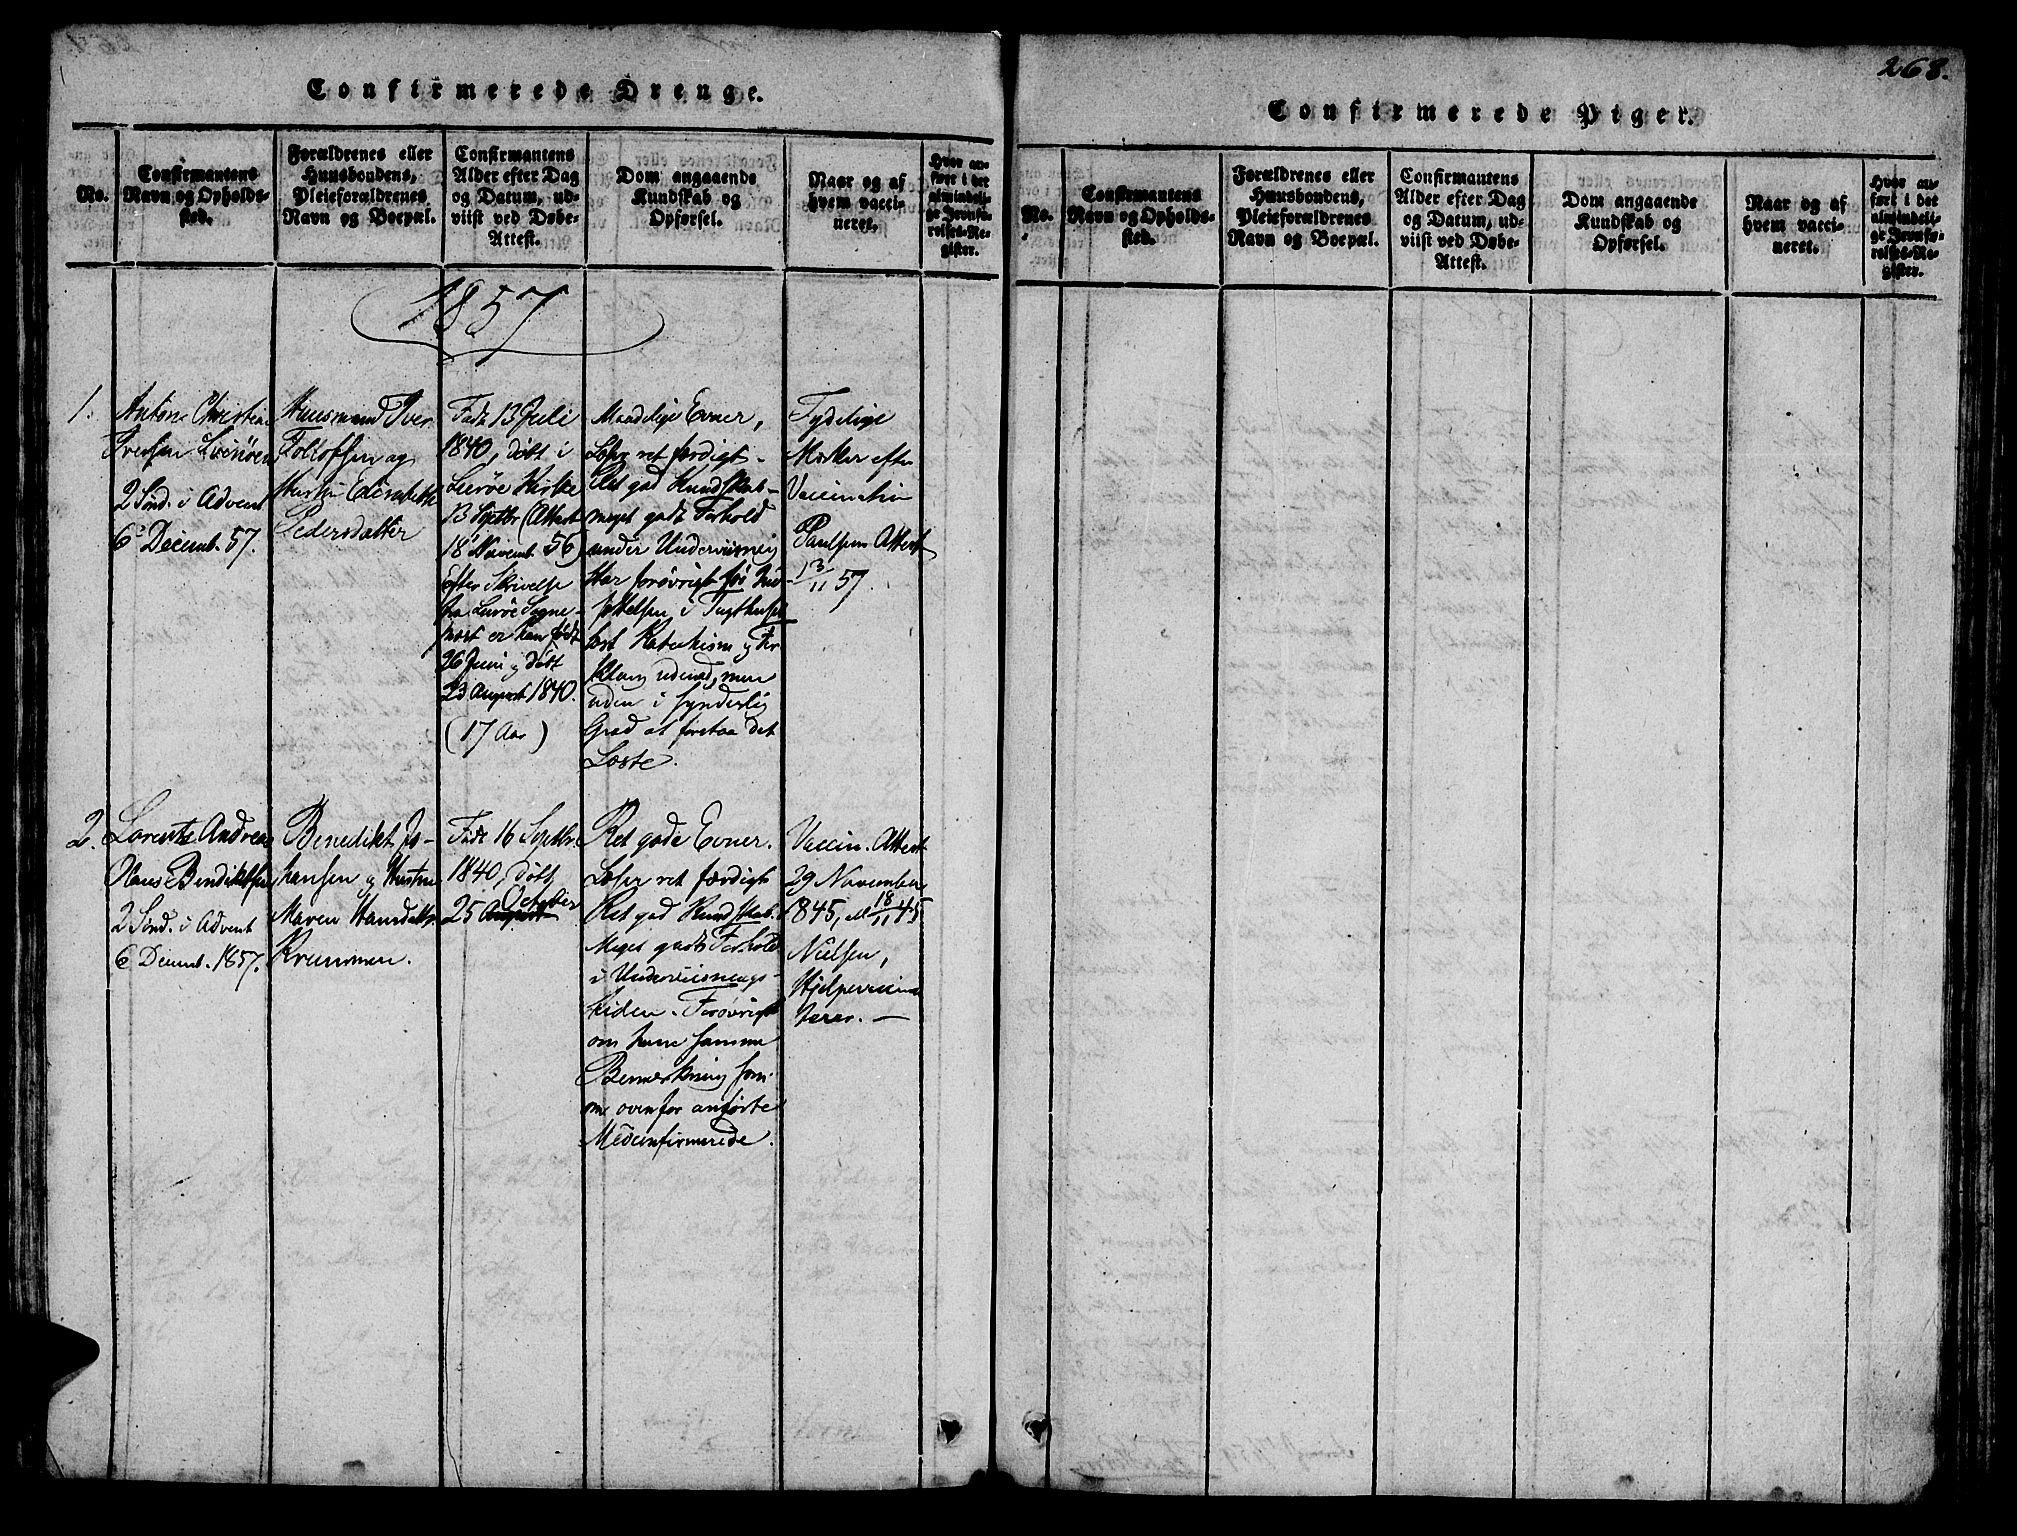 SAT, Ministerialprotokoller, klokkerbøker og fødselsregistre - Sør-Trøndelag, 623/L0478: Klokkerbok nr. 623C01, 1815-1873, s. 268